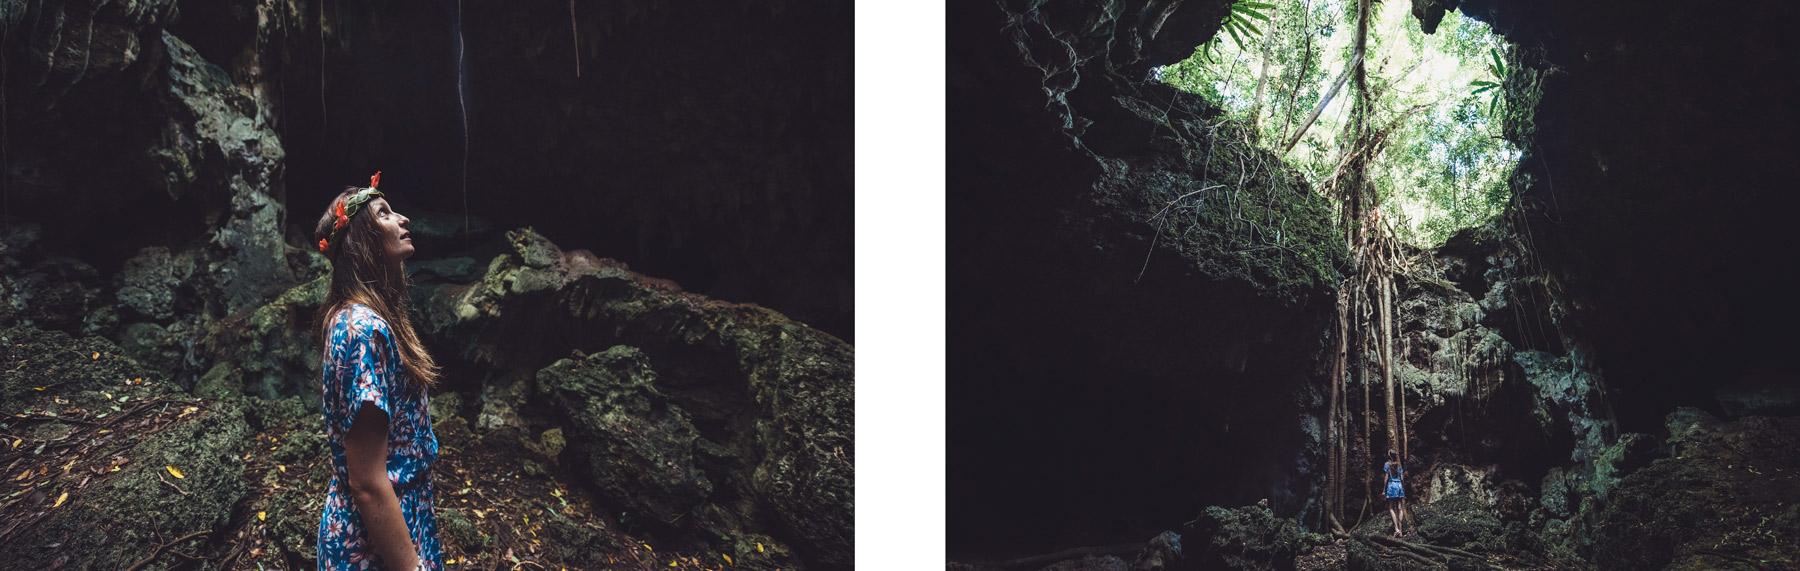 Grotte de la Reine Hortense, Ile des Pins, Nouvelle Calédonie